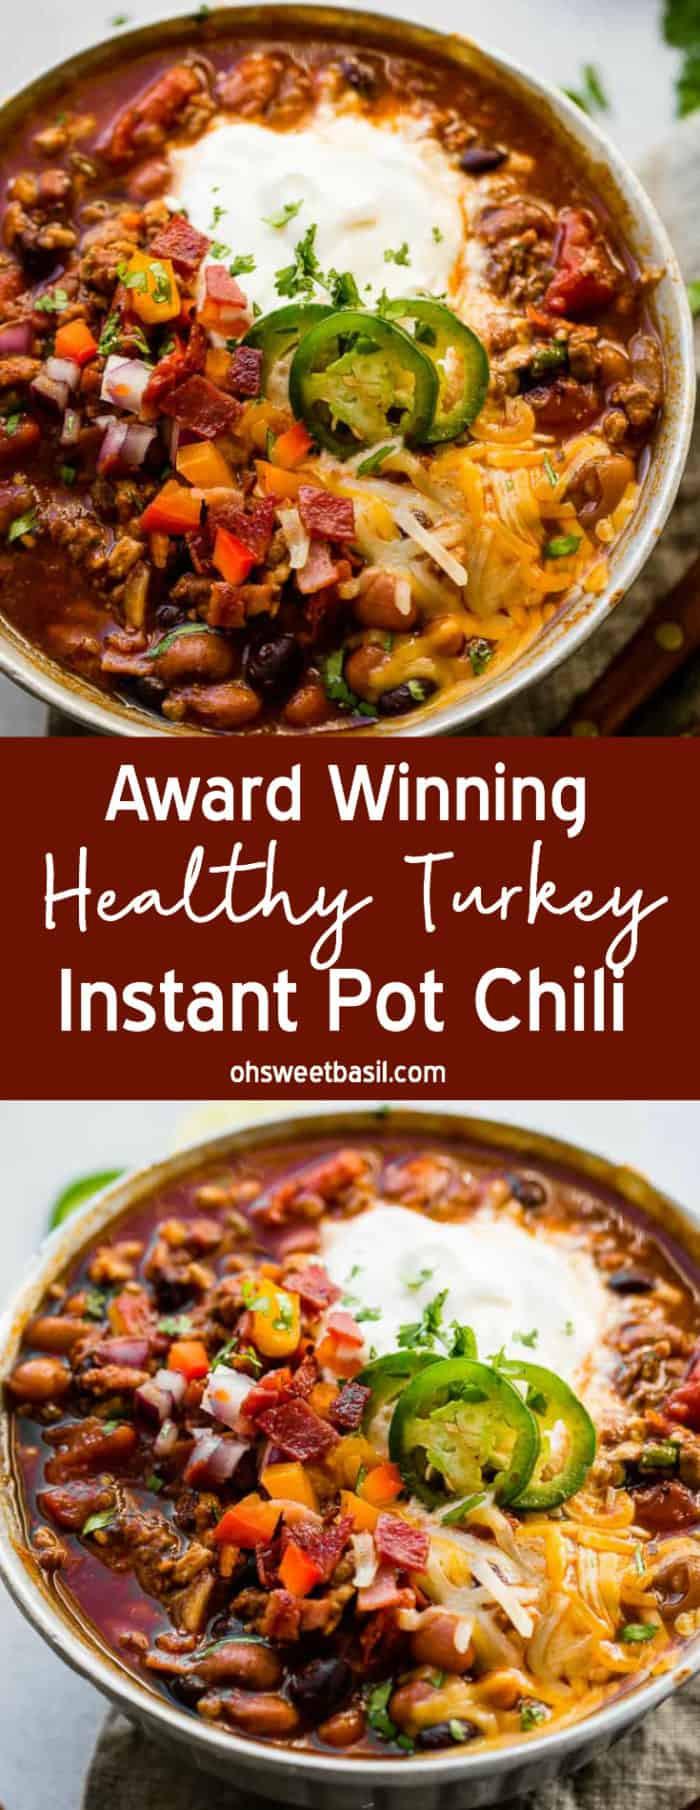 Chili Recipe Turkey  best turkey chili recipe winner